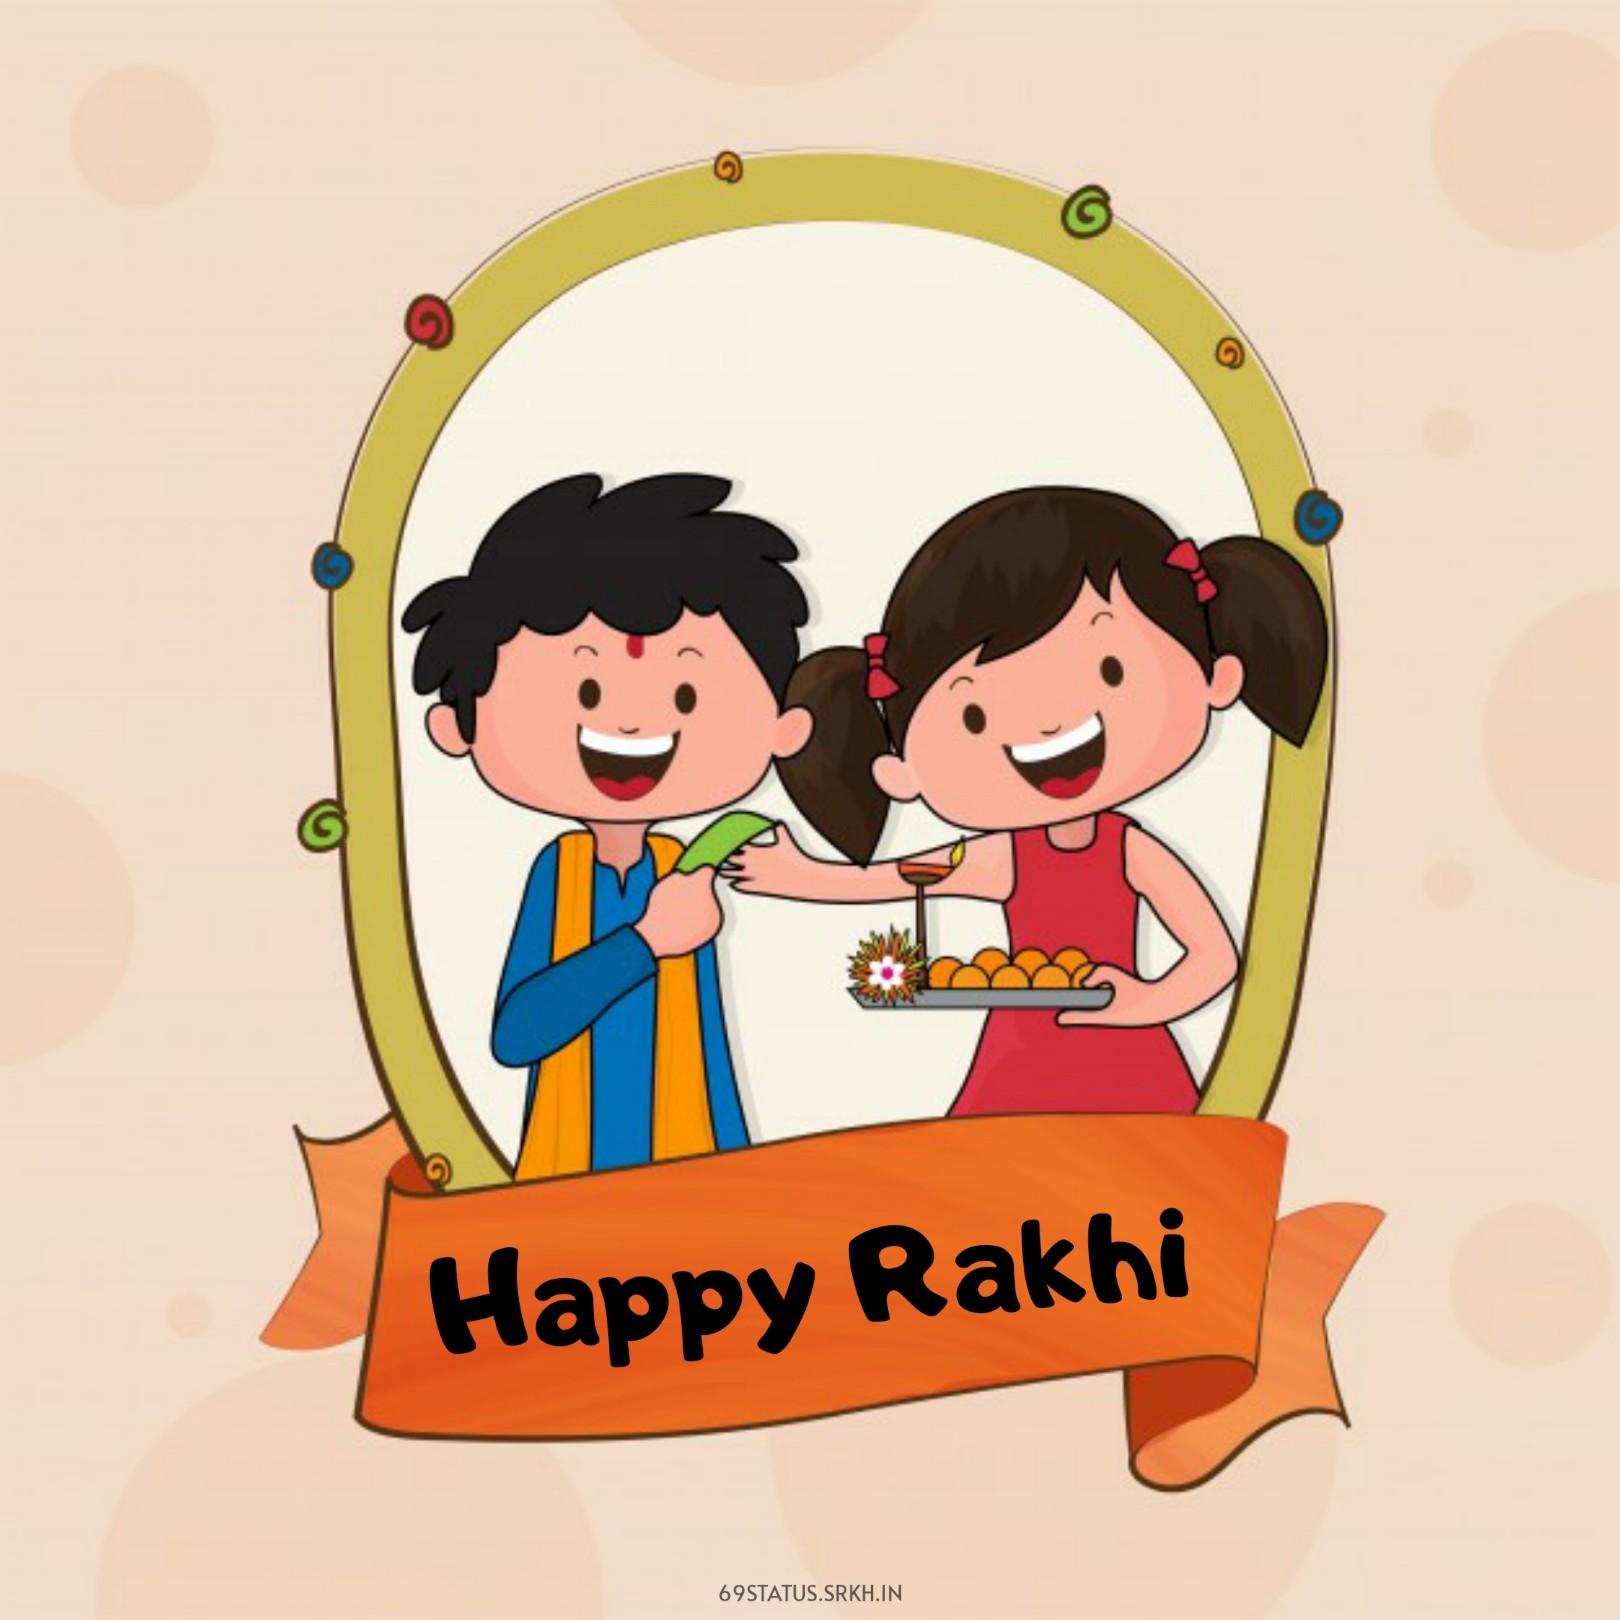 Raksha Bandhan Outline Images full HD free download.